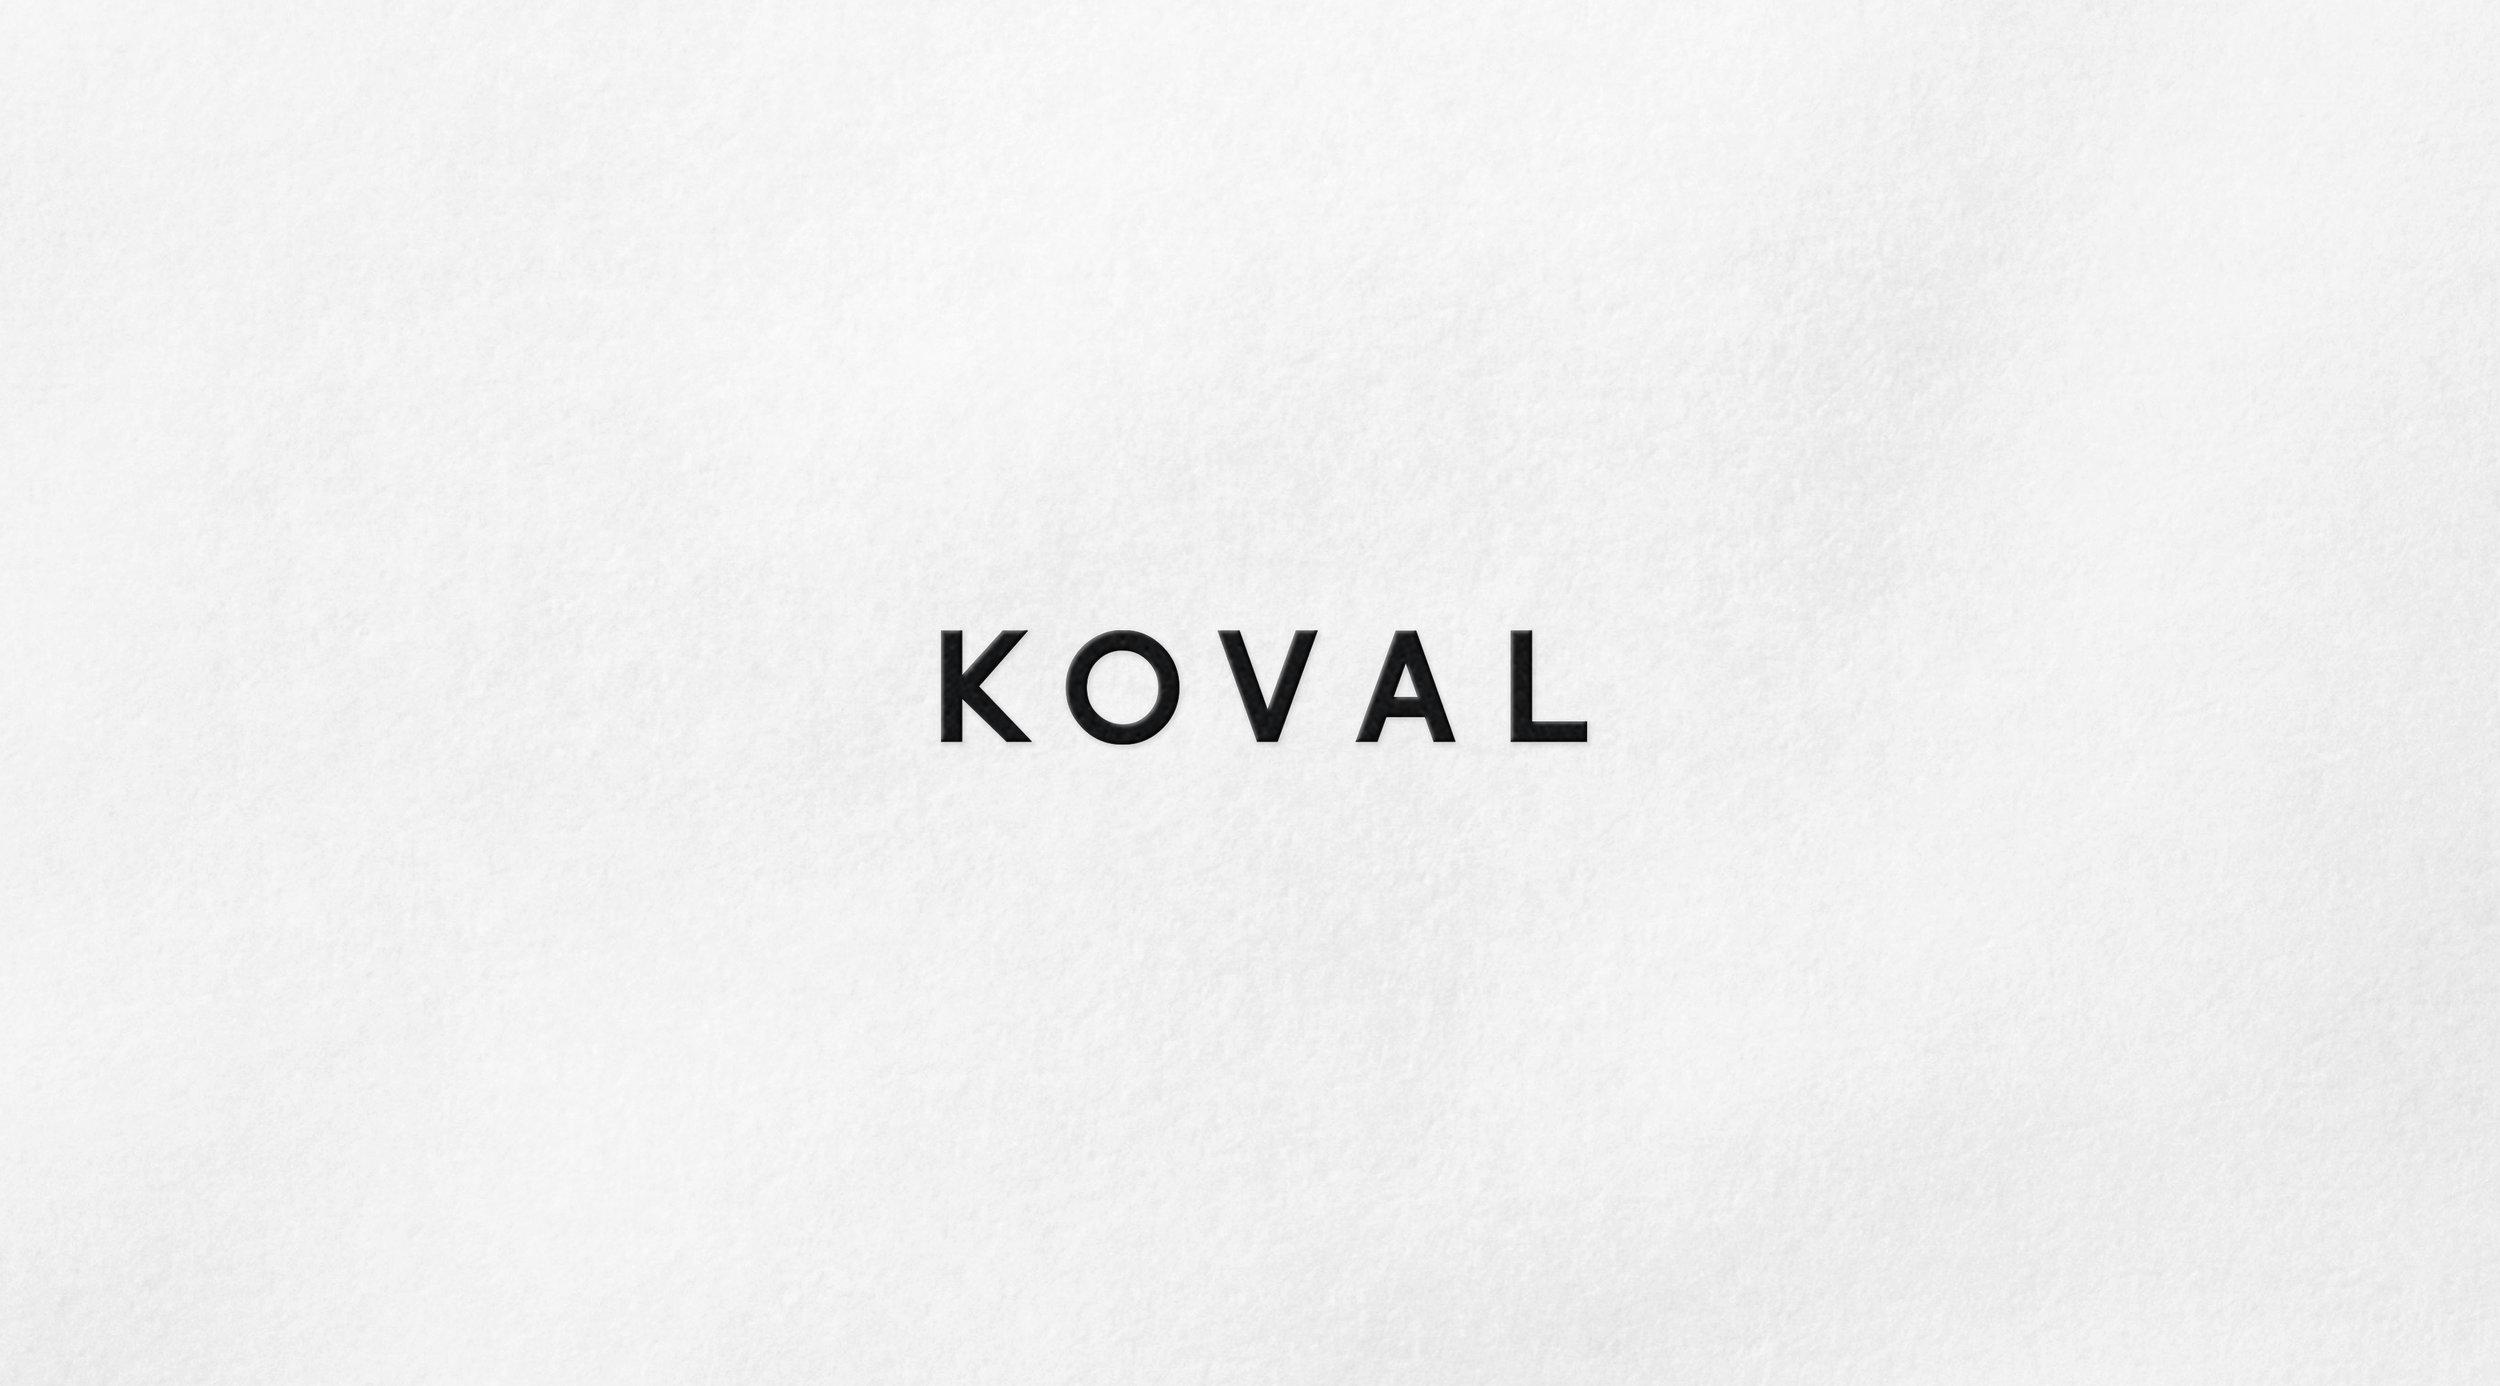 Koval